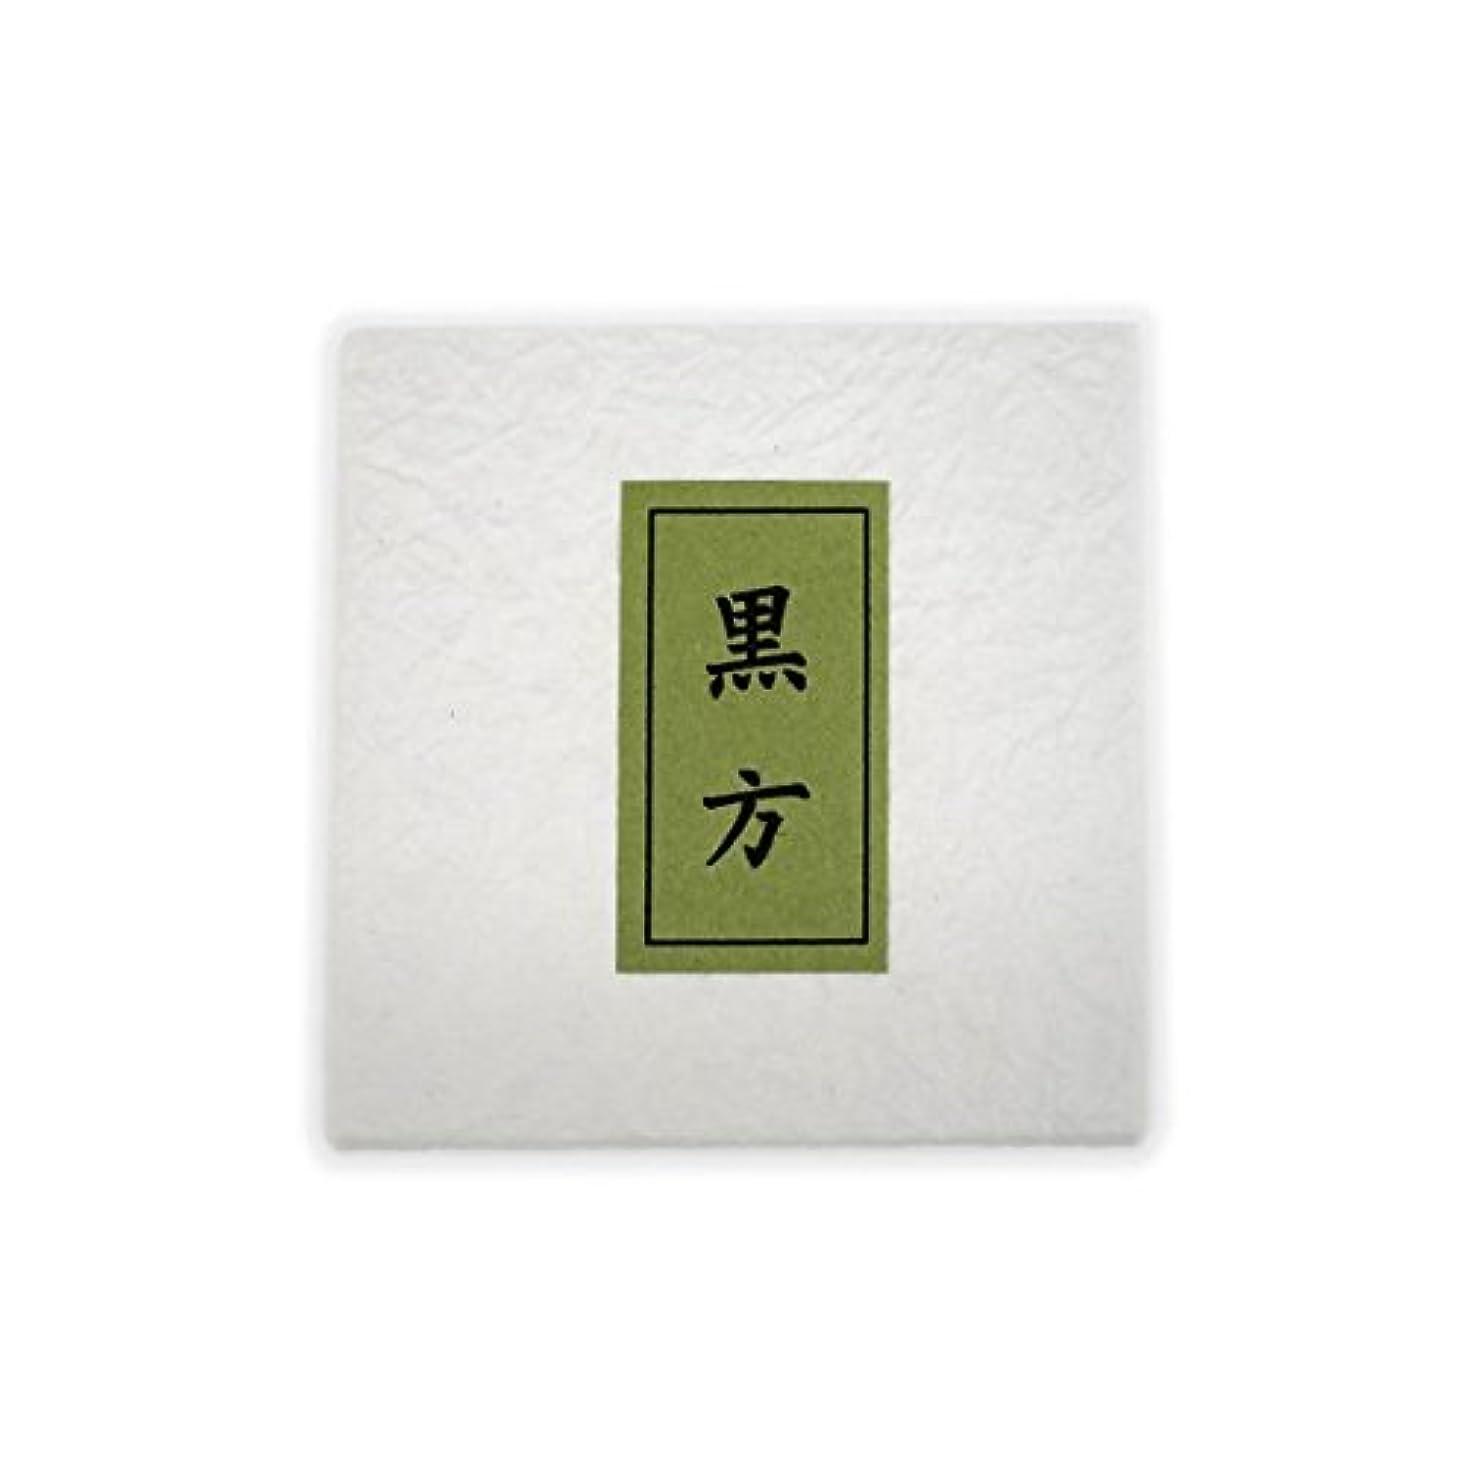 終わった経歴パフ黒方 紙箱入(壷入)